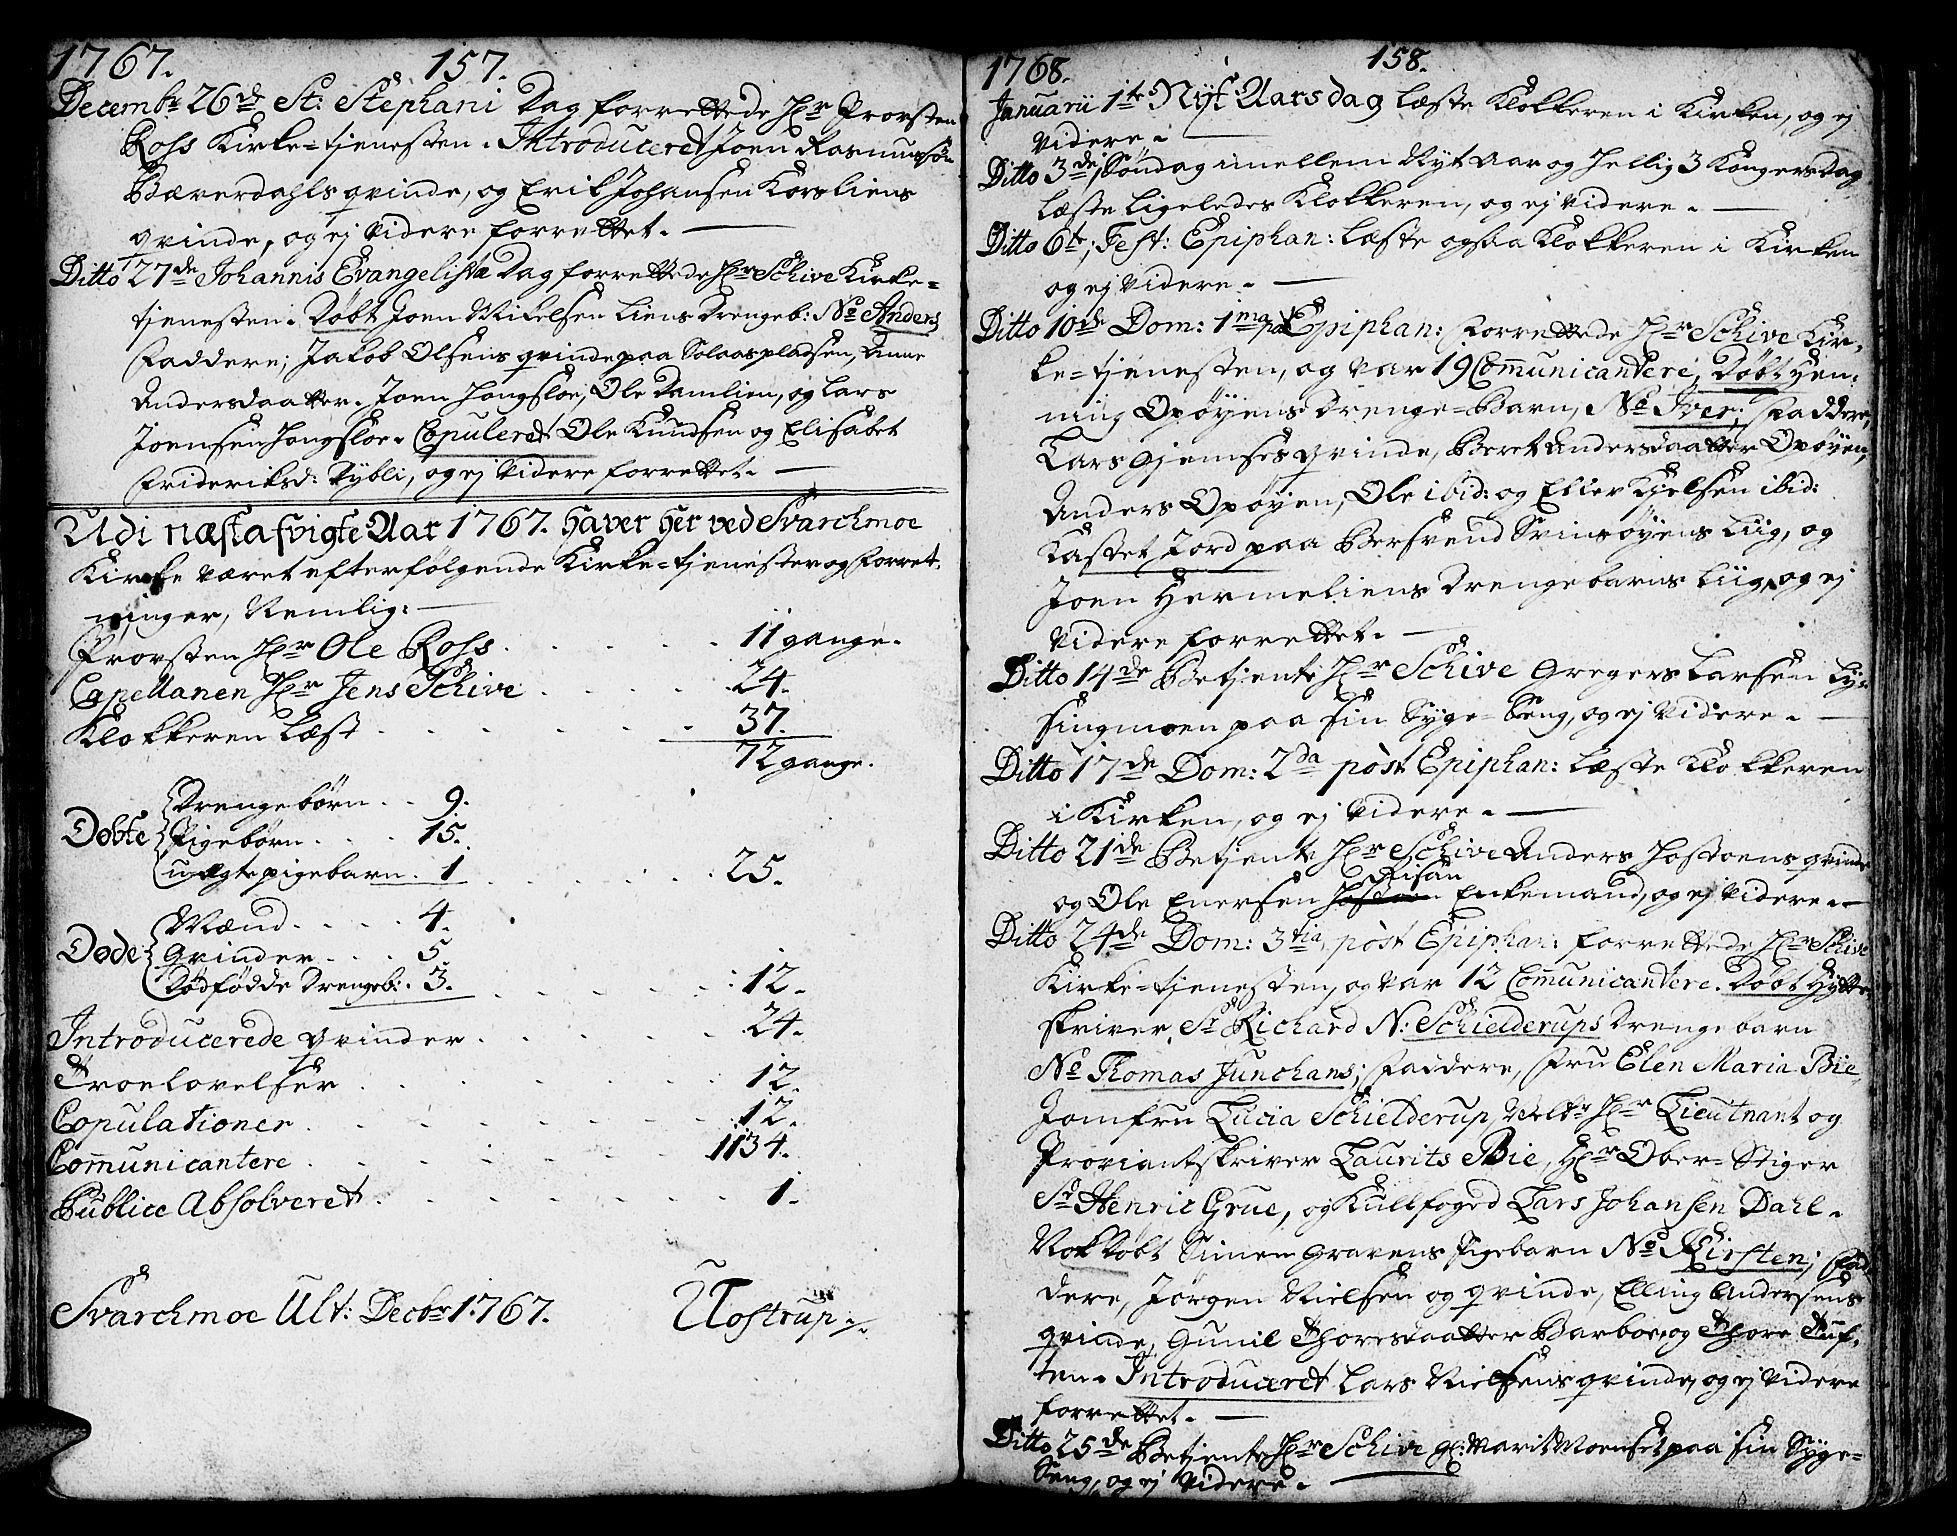 SAT, Ministerialprotokoller, klokkerbøker og fødselsregistre - Sør-Trøndelag, 671/L0840: Ministerialbok nr. 671A02, 1756-1794, s. 157-158